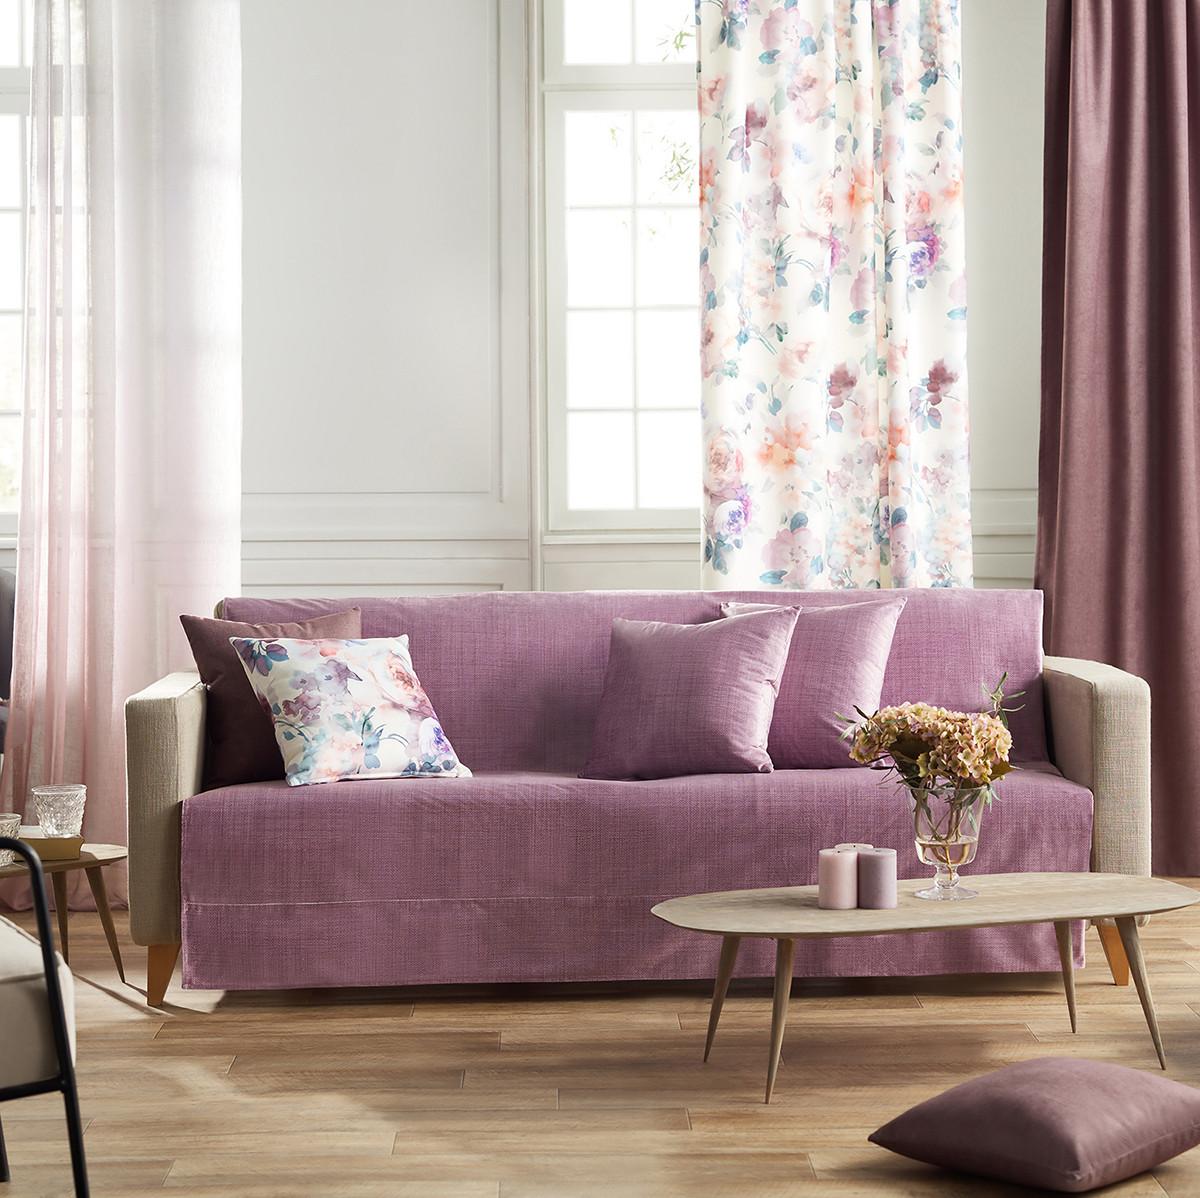 Ριχτάρι Τριθέσιου (180×310) Gofis Home Mat Apple Pink 689/19